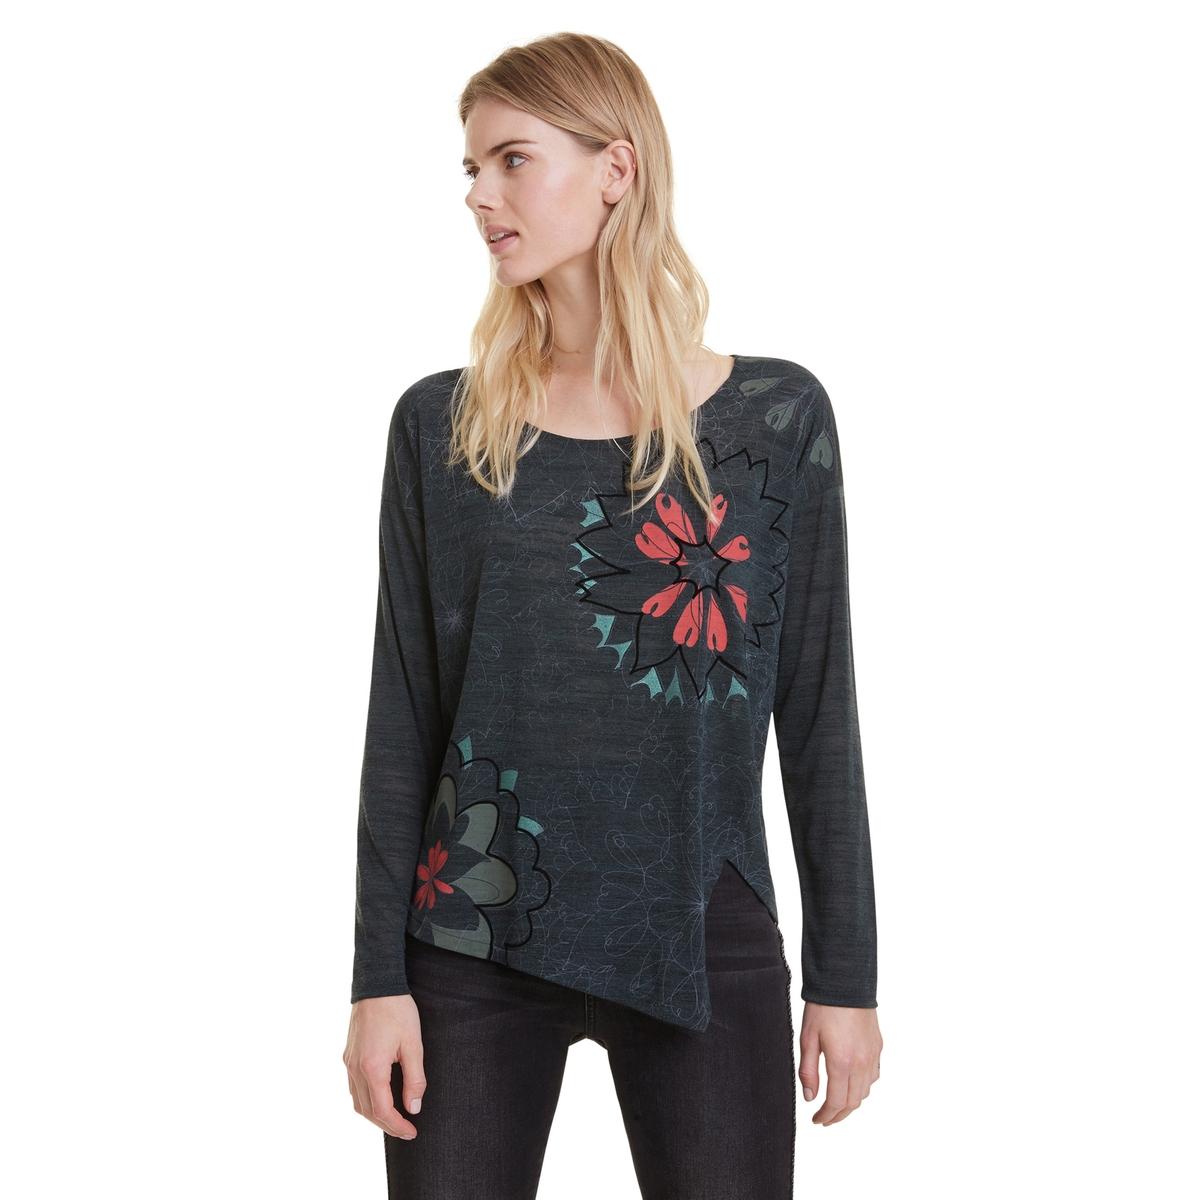 Camiseta de manga larga Alanis con corte asimétrico en el bajo